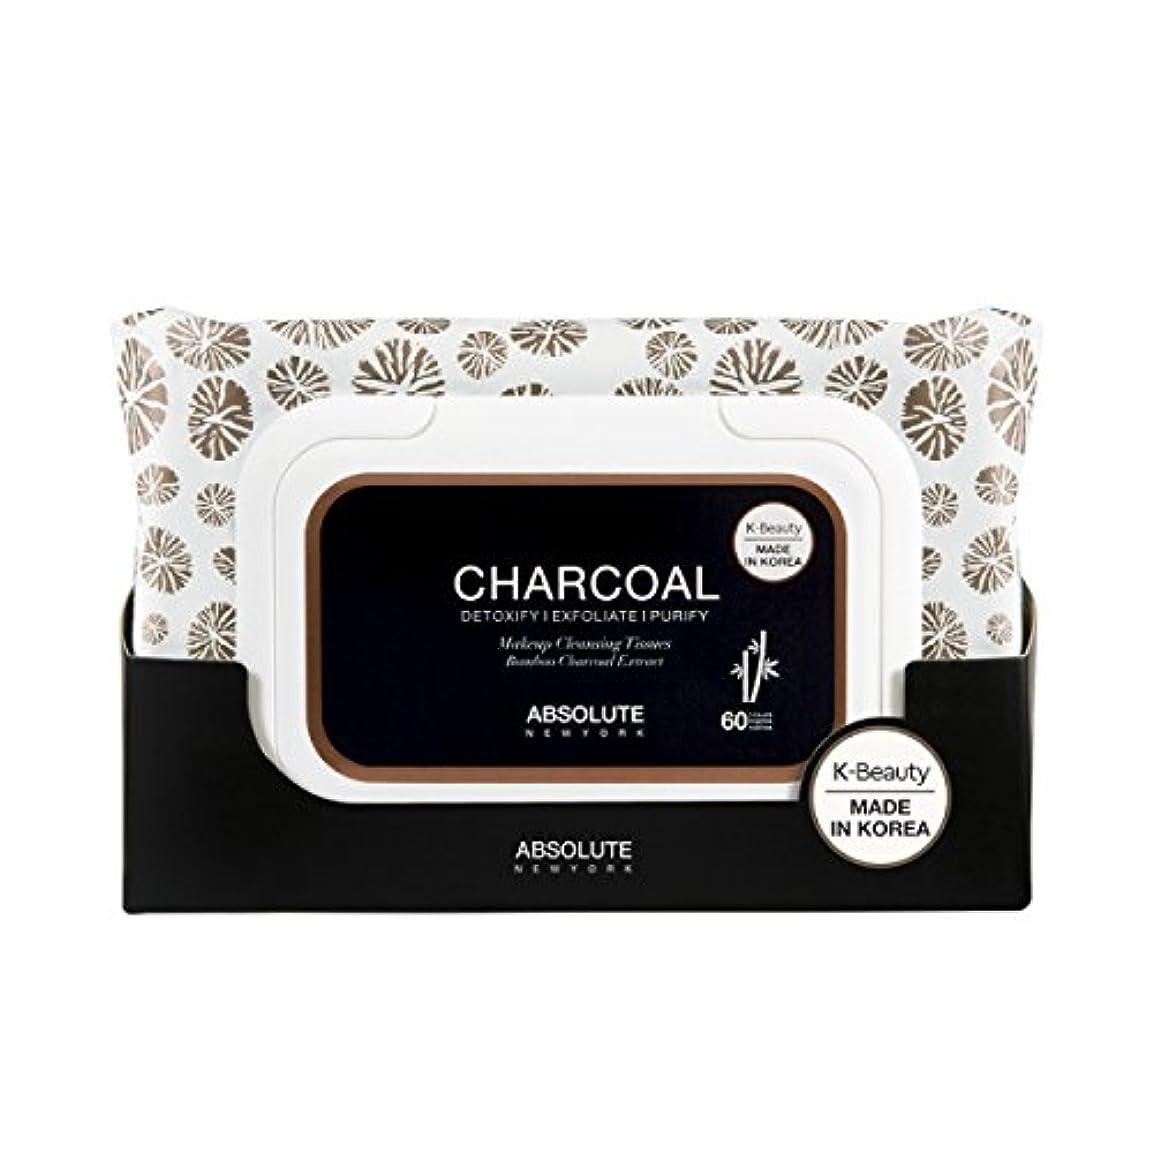 通行料金現金減らすABSOLUTE Charcoal Cleansing Tissue (並行輸入品)